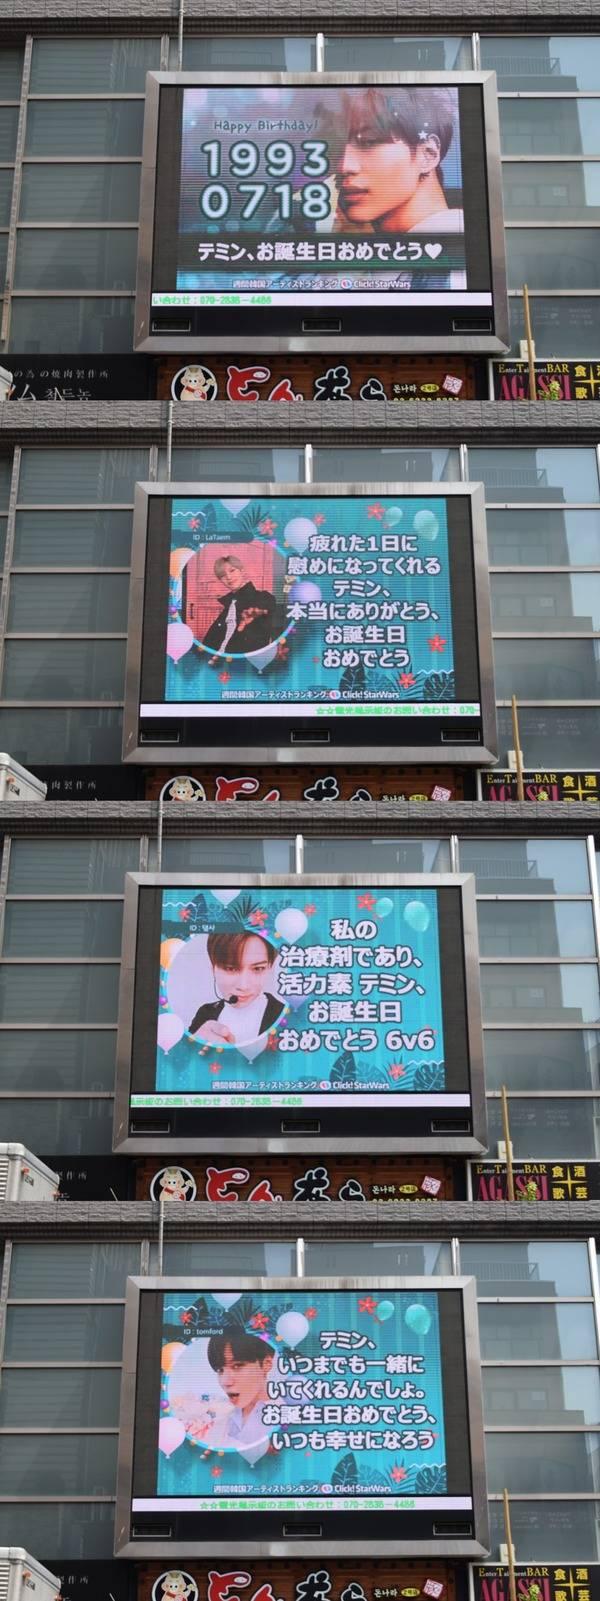 東京・新大久保にある電光掲示板で祝福動画を放映。|写真:Click! StarWars